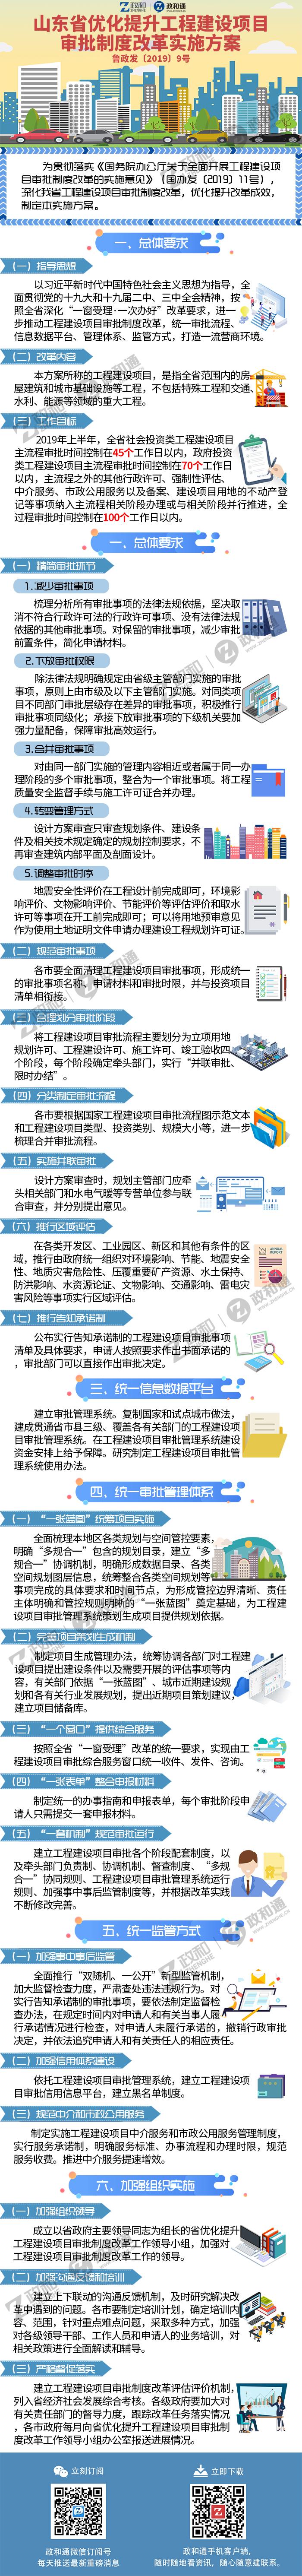 政和通 关于印发山东省优化提升工程建设项目审批制度改革实施方案的通知.jpg